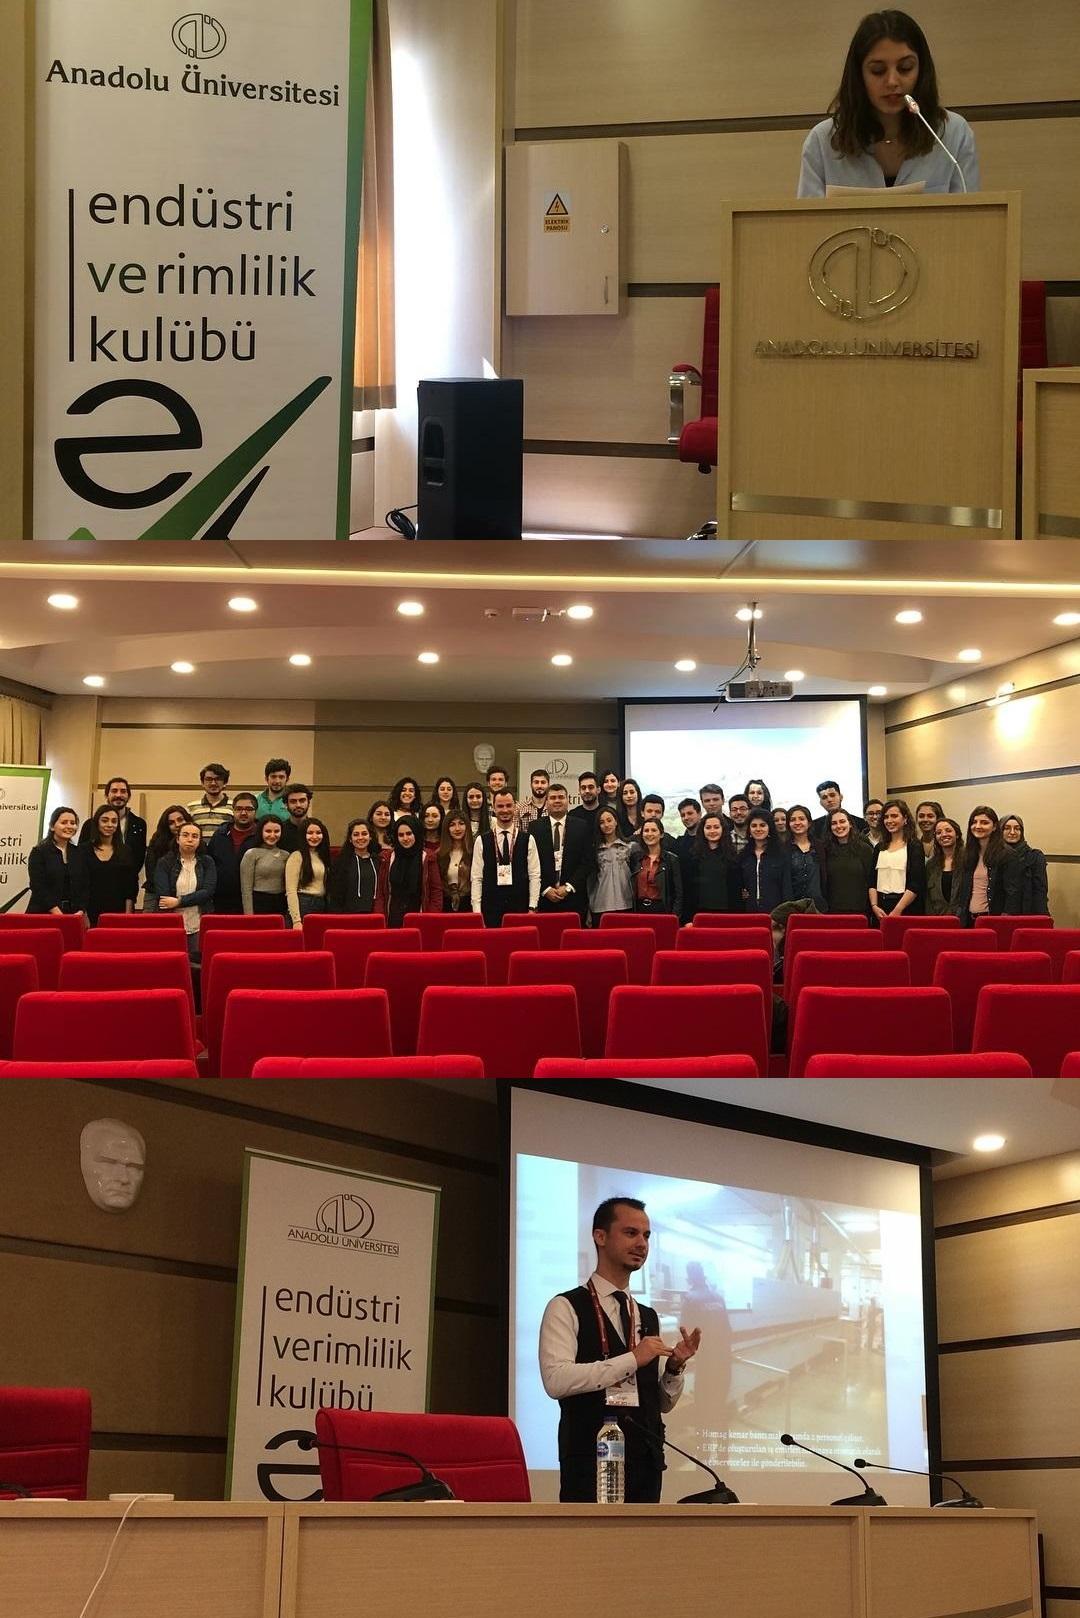 En-ERP 30 Anadolu Üniversitesi'nde Gerçekleşti